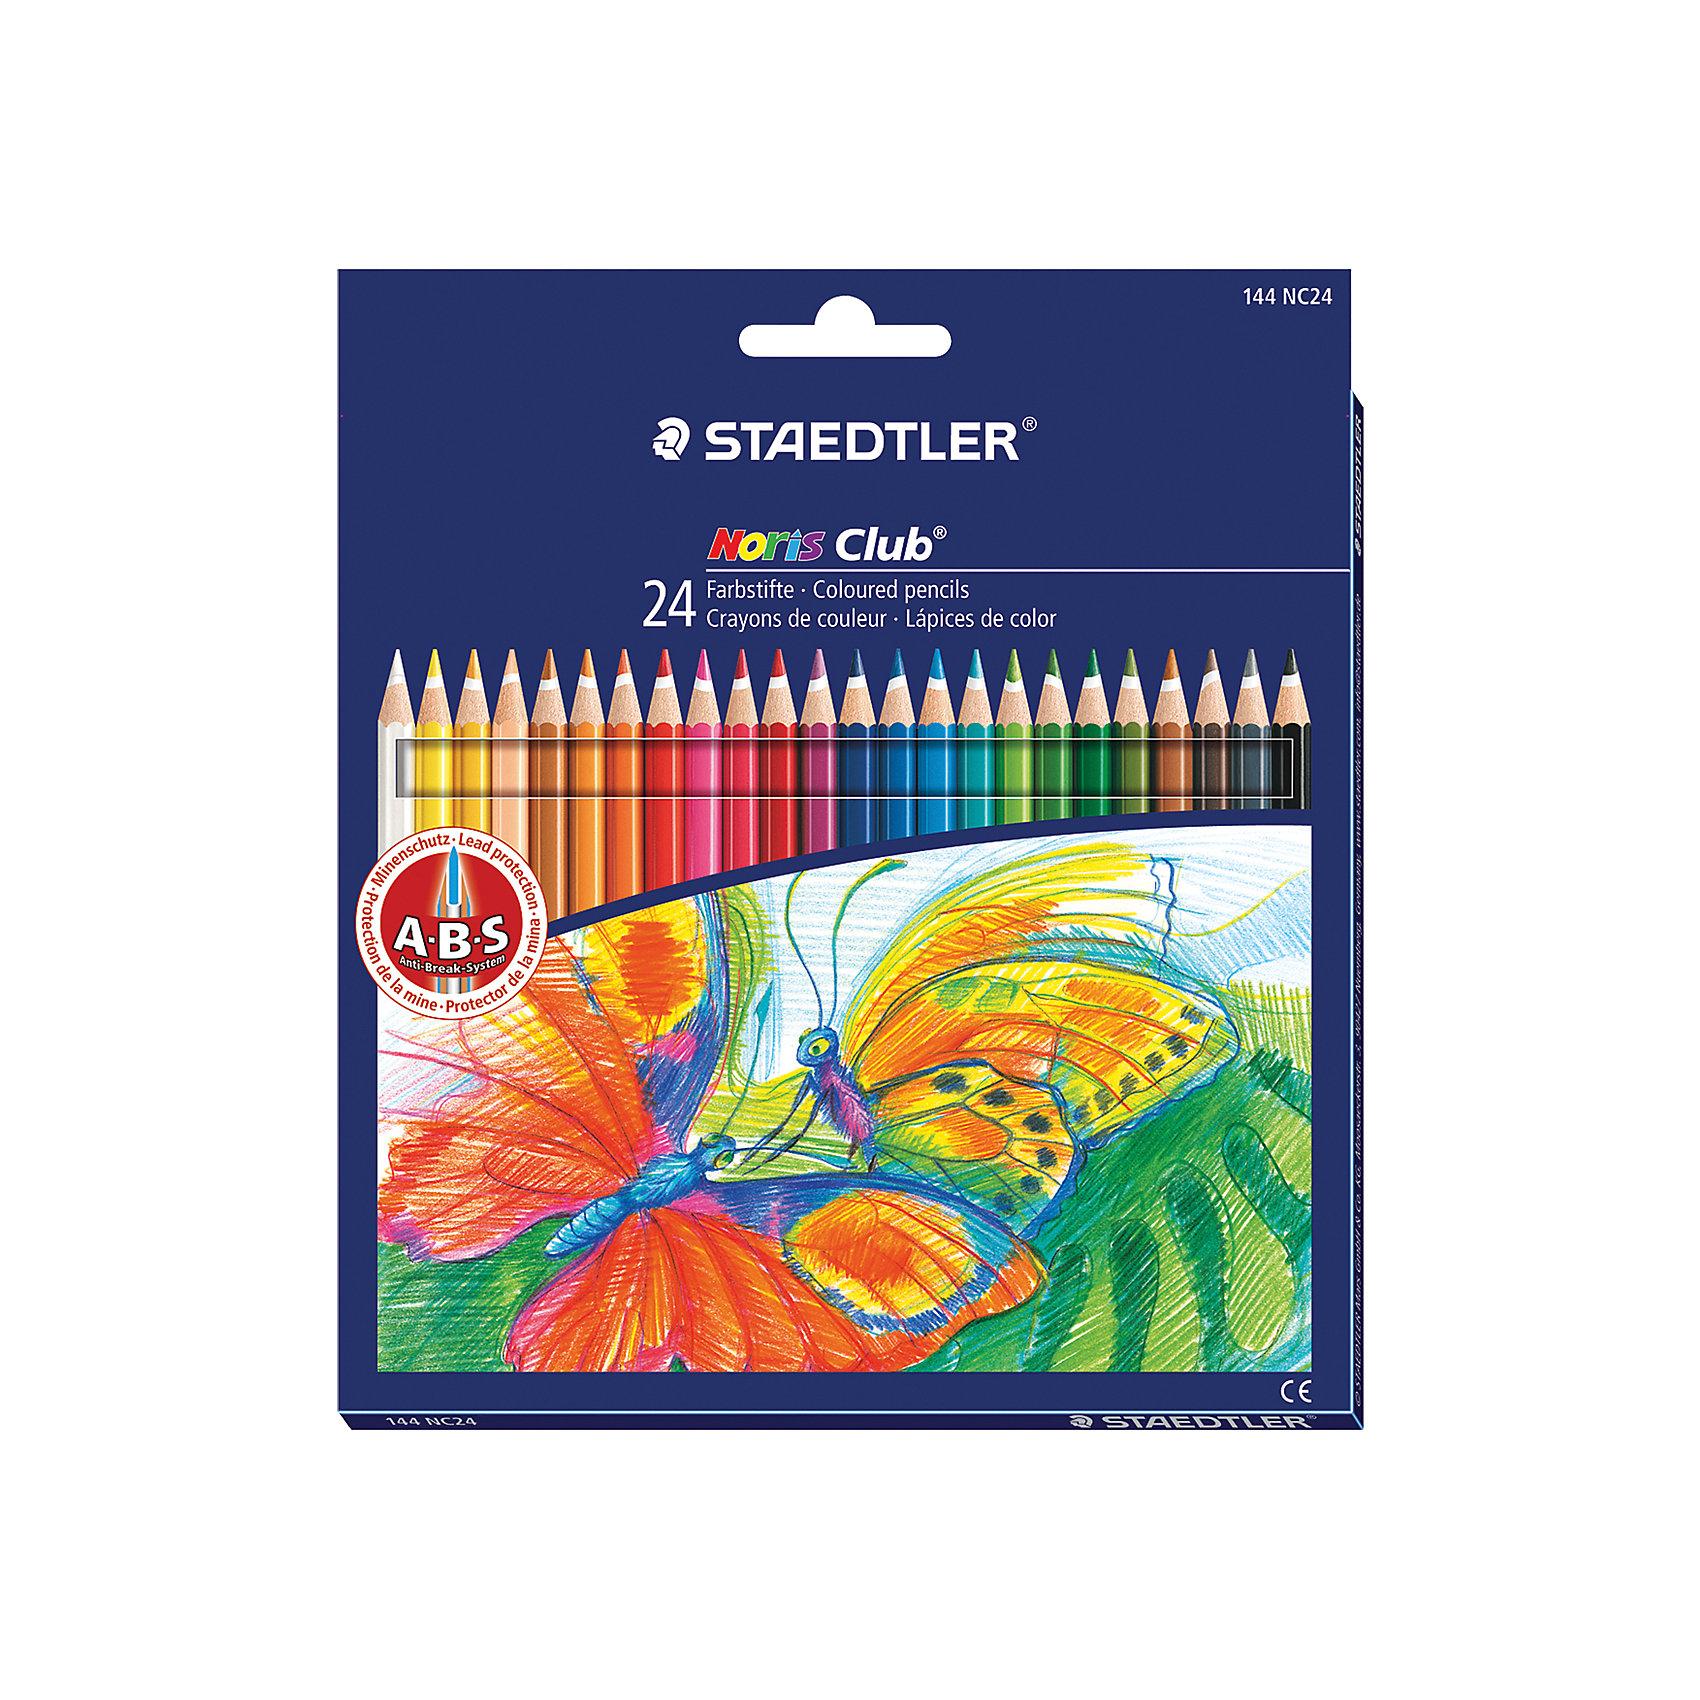 Цветные карандаши Noris club, 24 цв., StaedtlerПисьменные принадлежности<br>Цветные карандаши шестигранной формы. Система защиты от поломки ABS (Anti-break-system) - белый защитный слой - увеличивает устойчивость и сокращает ломкость грифеля. Пусть Ваш ребенок наслаждается  своим творчеством!<br><br>Дополнительная информация:<br><br>- 24 цвета.<br>- Высокосортная древесина.<br>- Шестигранный корпус.<br>- Заточенные.<br>- Размер упаковки: 0,9х17,5х19,7  см.<br>- Вес в упаковке: 140 г.<br><br>Цветные карандаши Noris club Staedtler можно купить в нашем магазине.<br><br>Ширина мм: 9<br>Глубина мм: 175<br>Высота мм: 197<br>Вес г: 140<br>Возраст от месяцев: 72<br>Возраст до месяцев: 2147483647<br>Пол: Унисекс<br>Возраст: Детский<br>SKU: 4792676